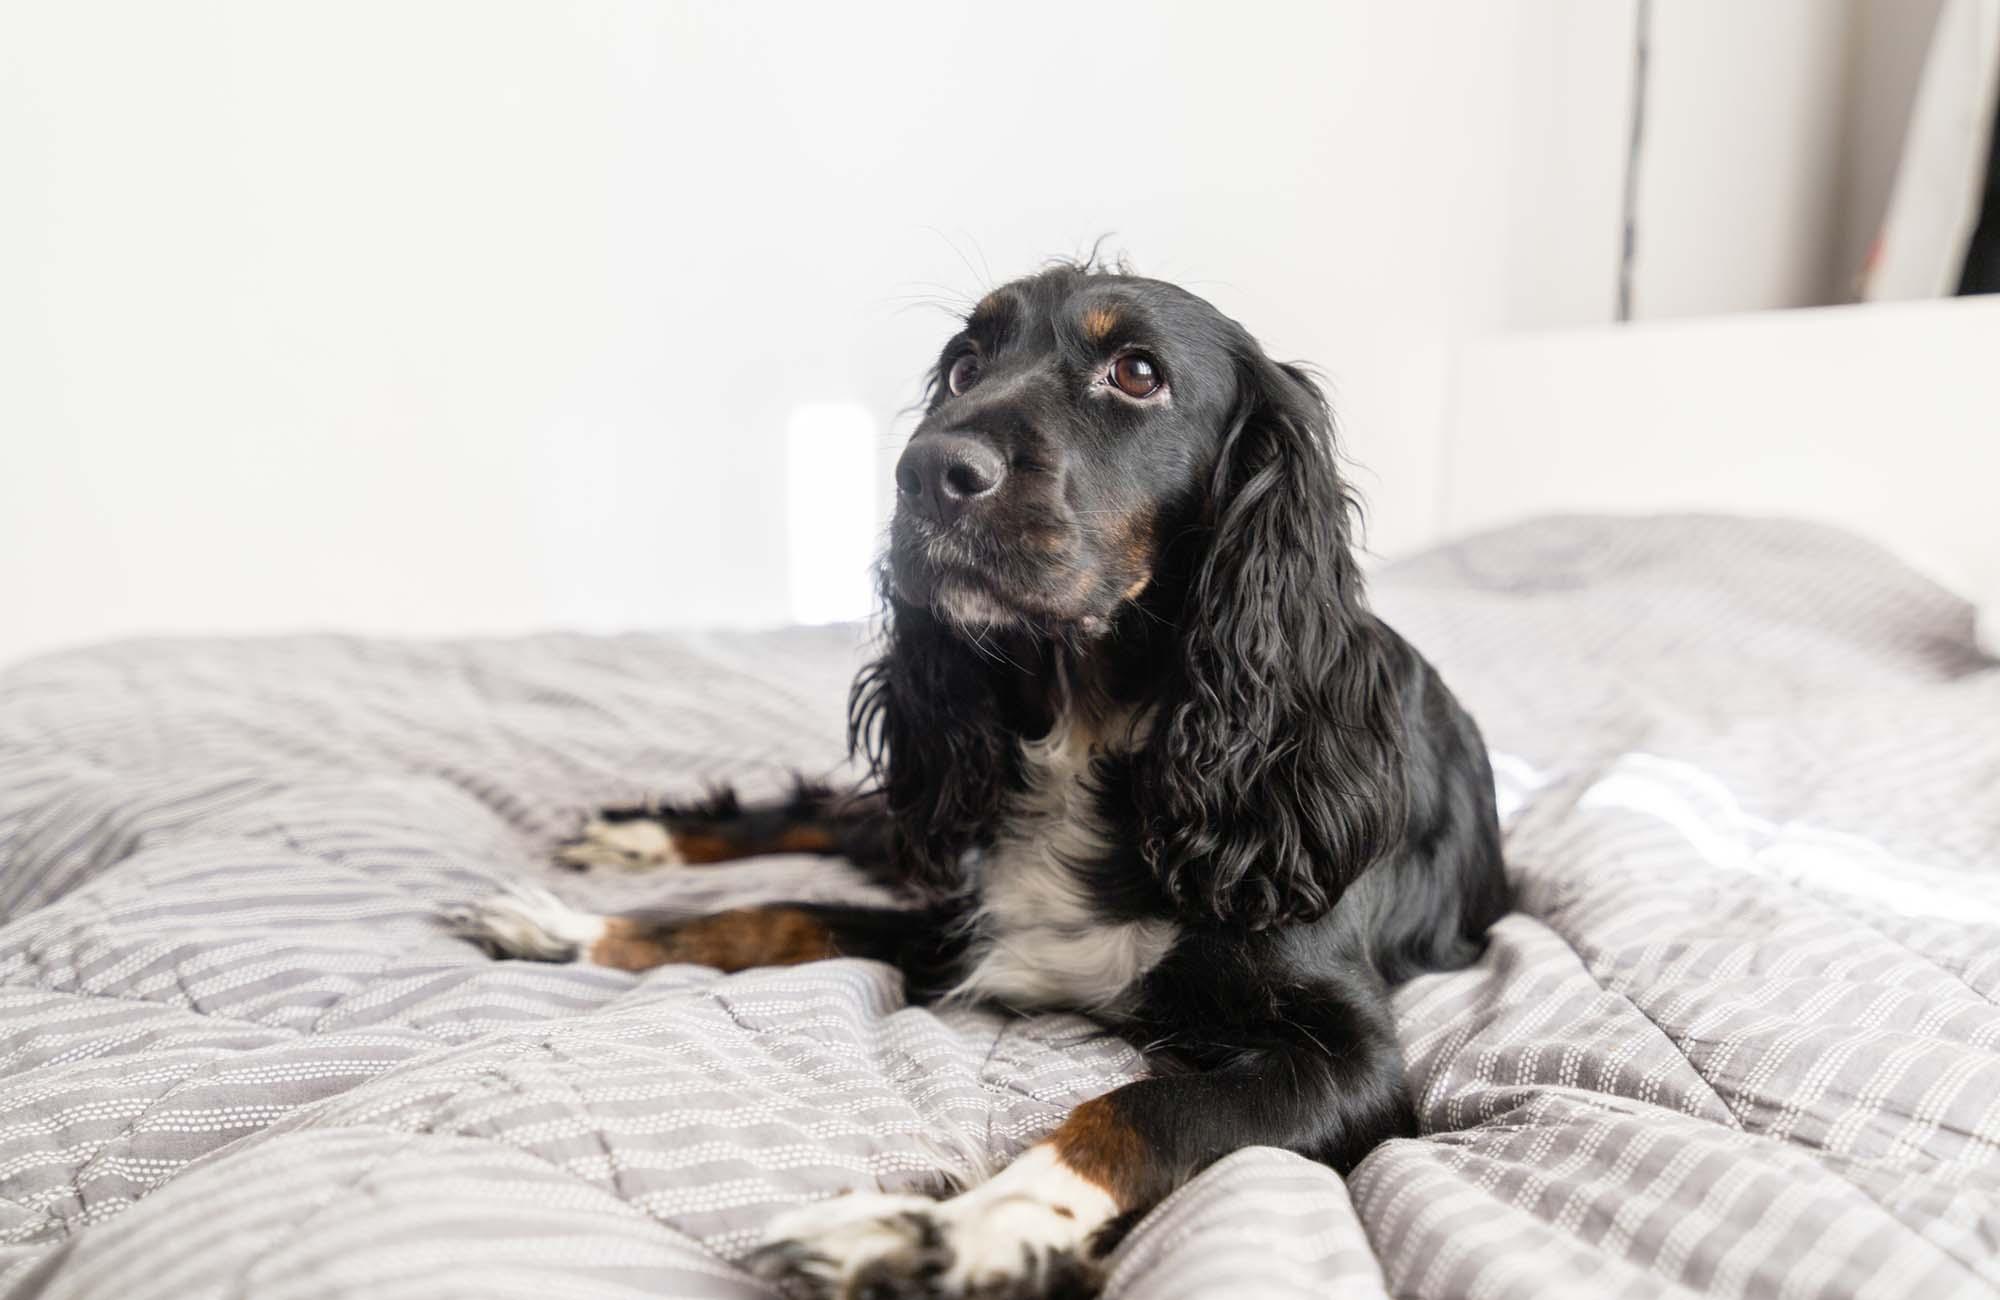 Black Spaniel dog on bed